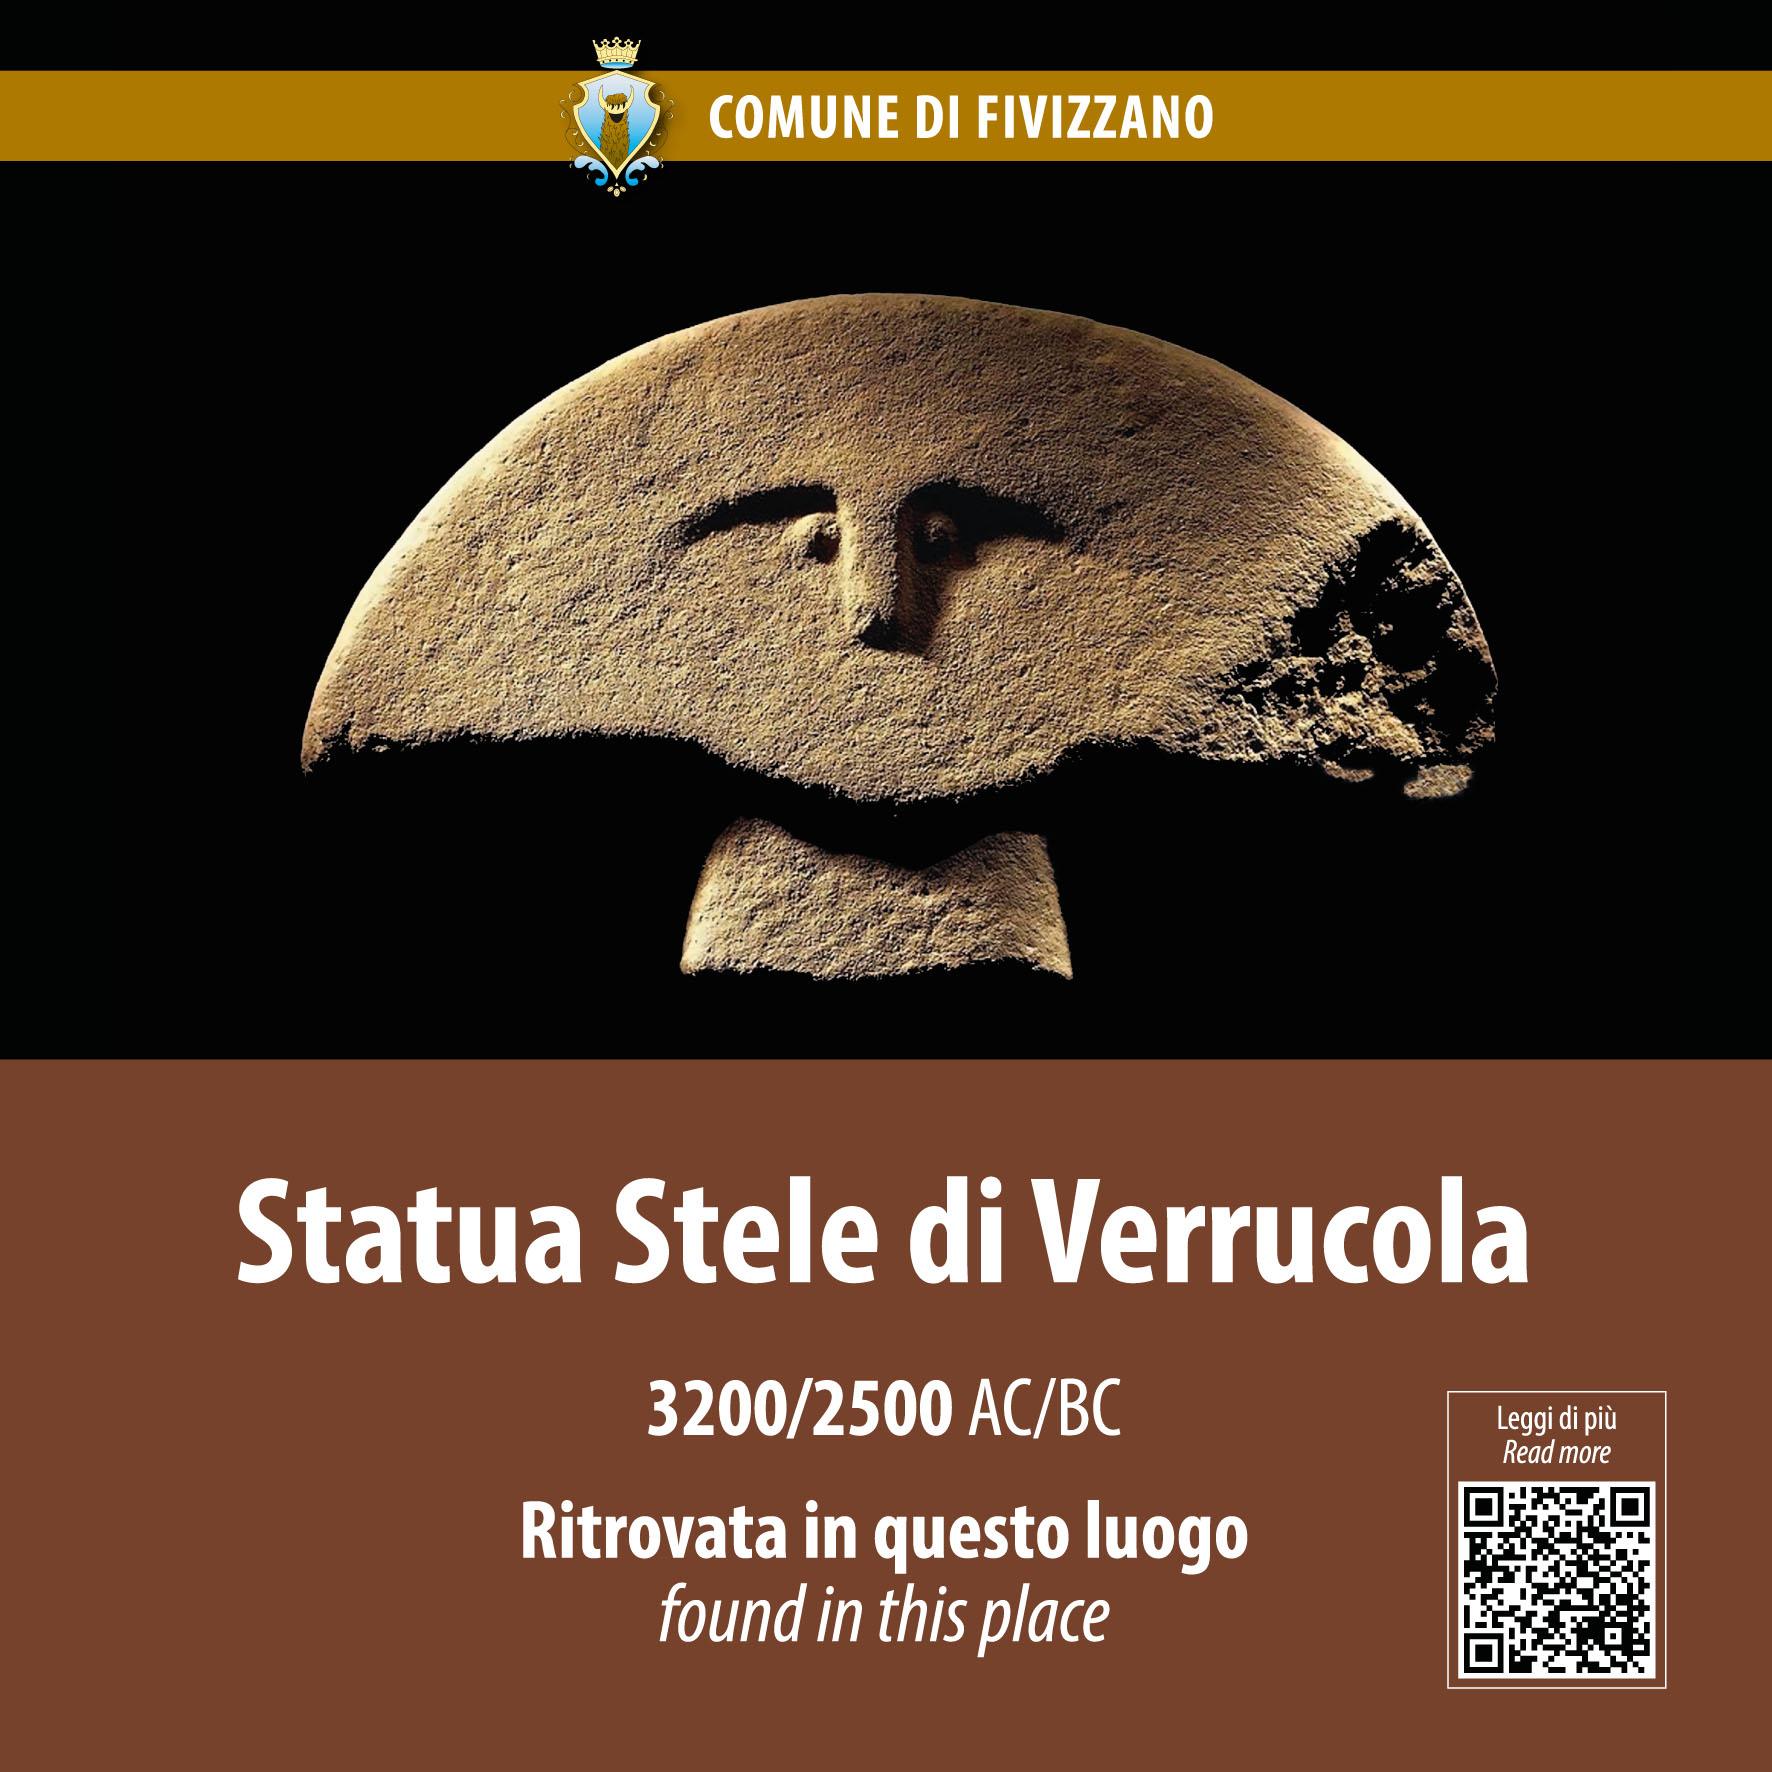 statua stele della Verrucola